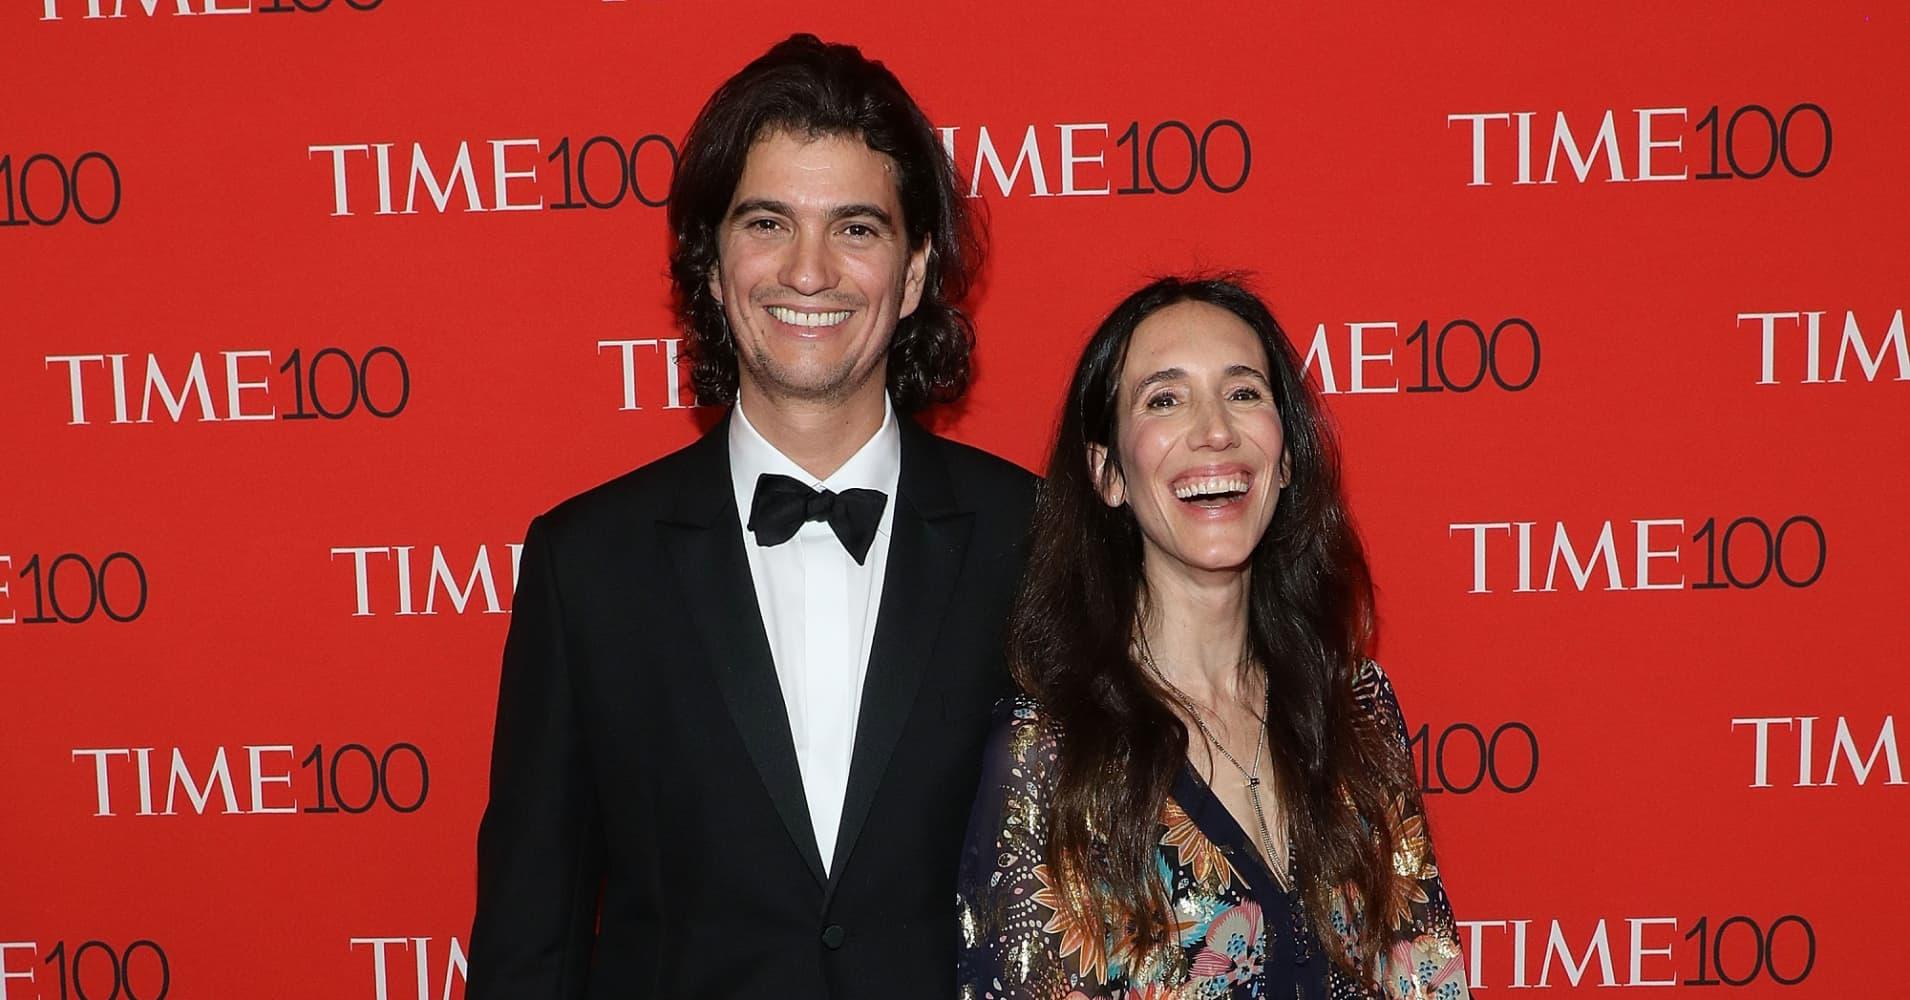 WeWork CEO Adam Neumann with wife and founding partner Rebekah Neumann.